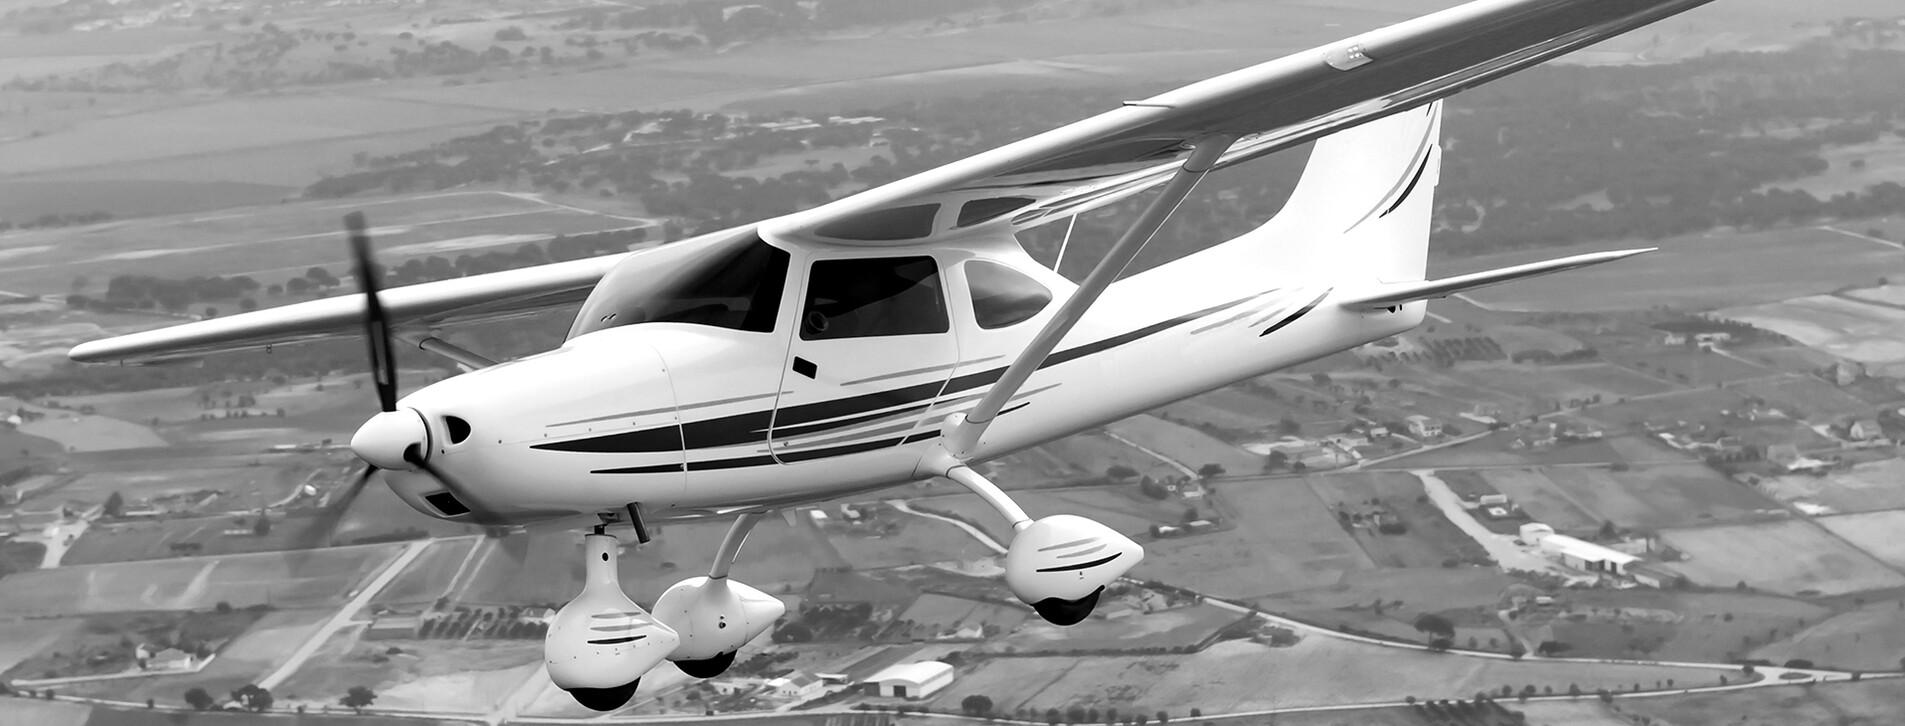 Фото 1 - Політ на легкому літаку